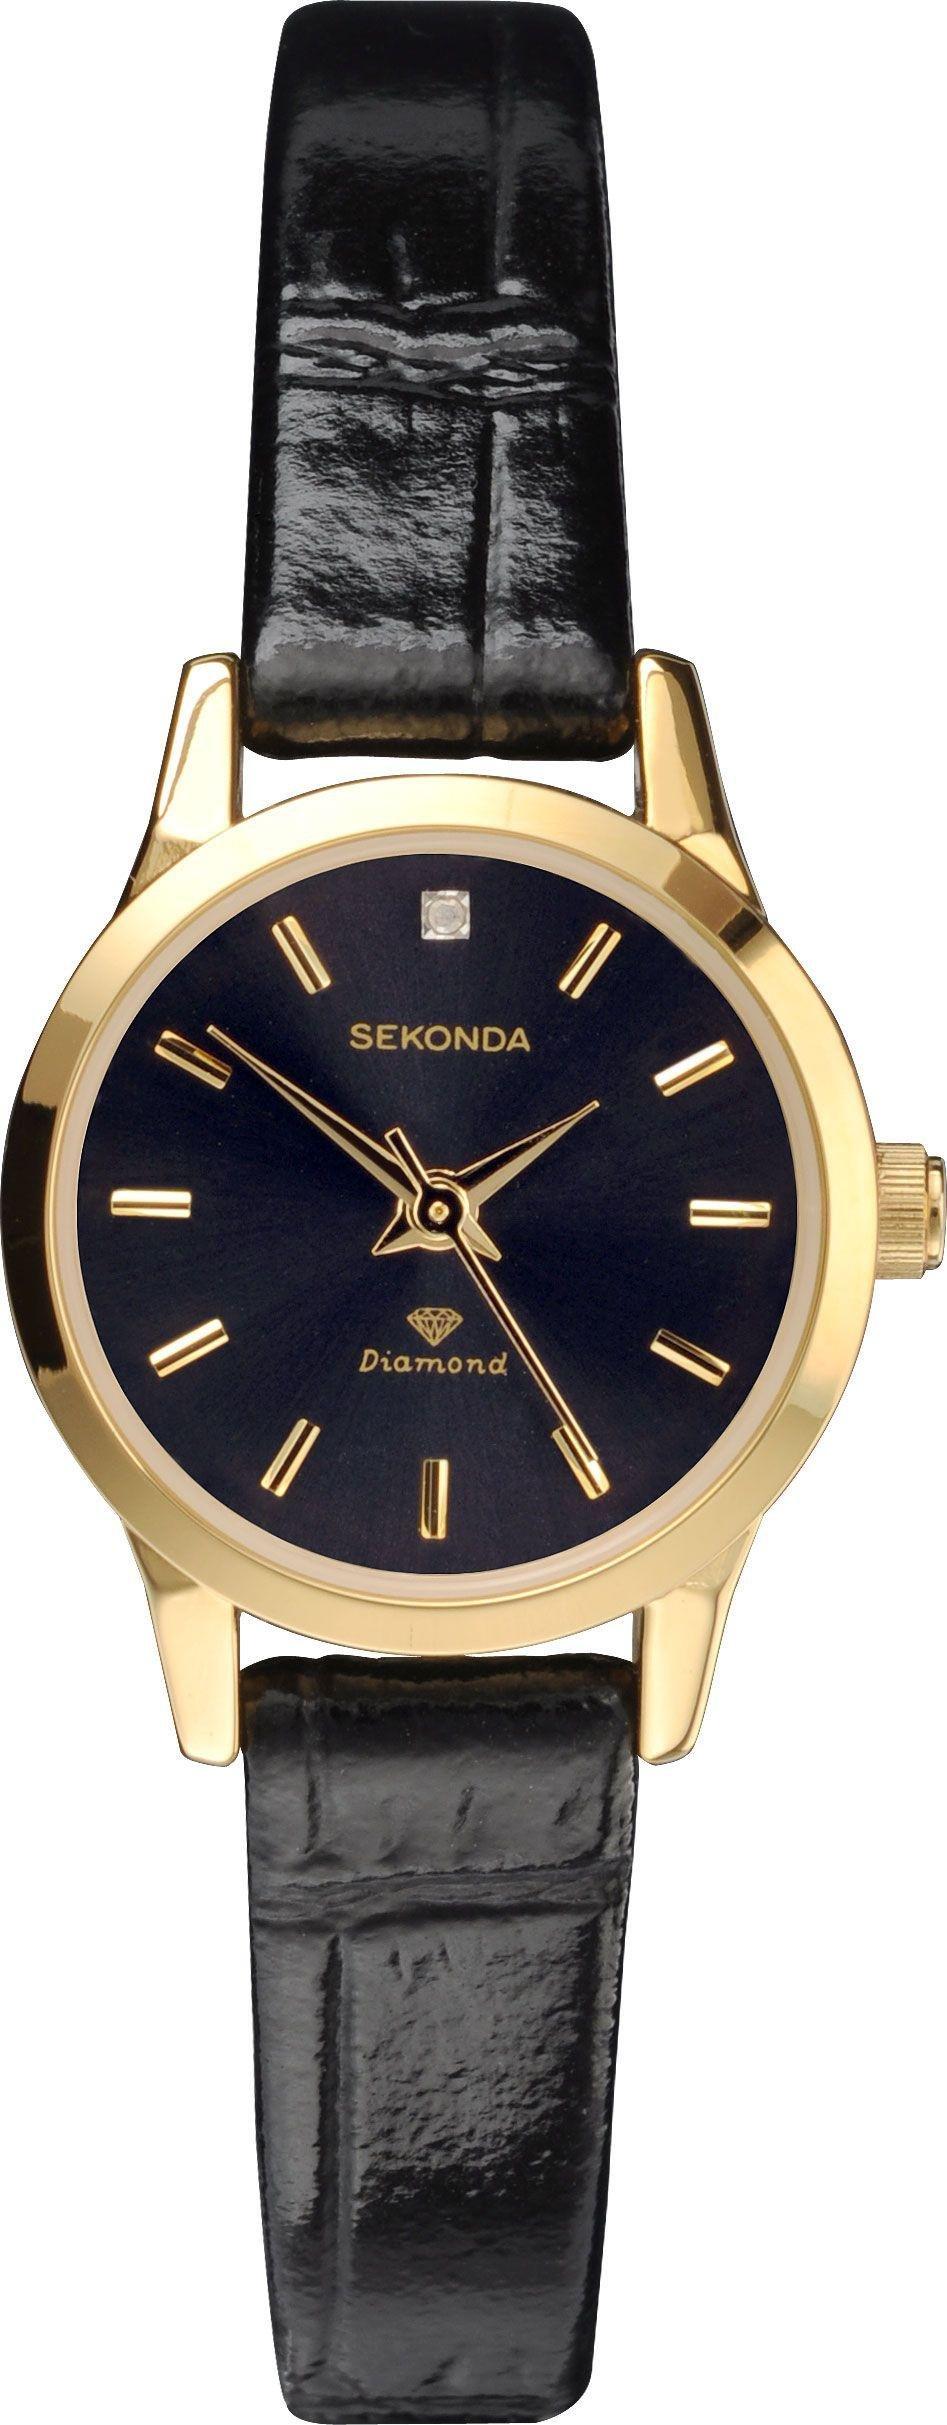 Buy Sekonda La s Diamond Black Strap Watch at Argos